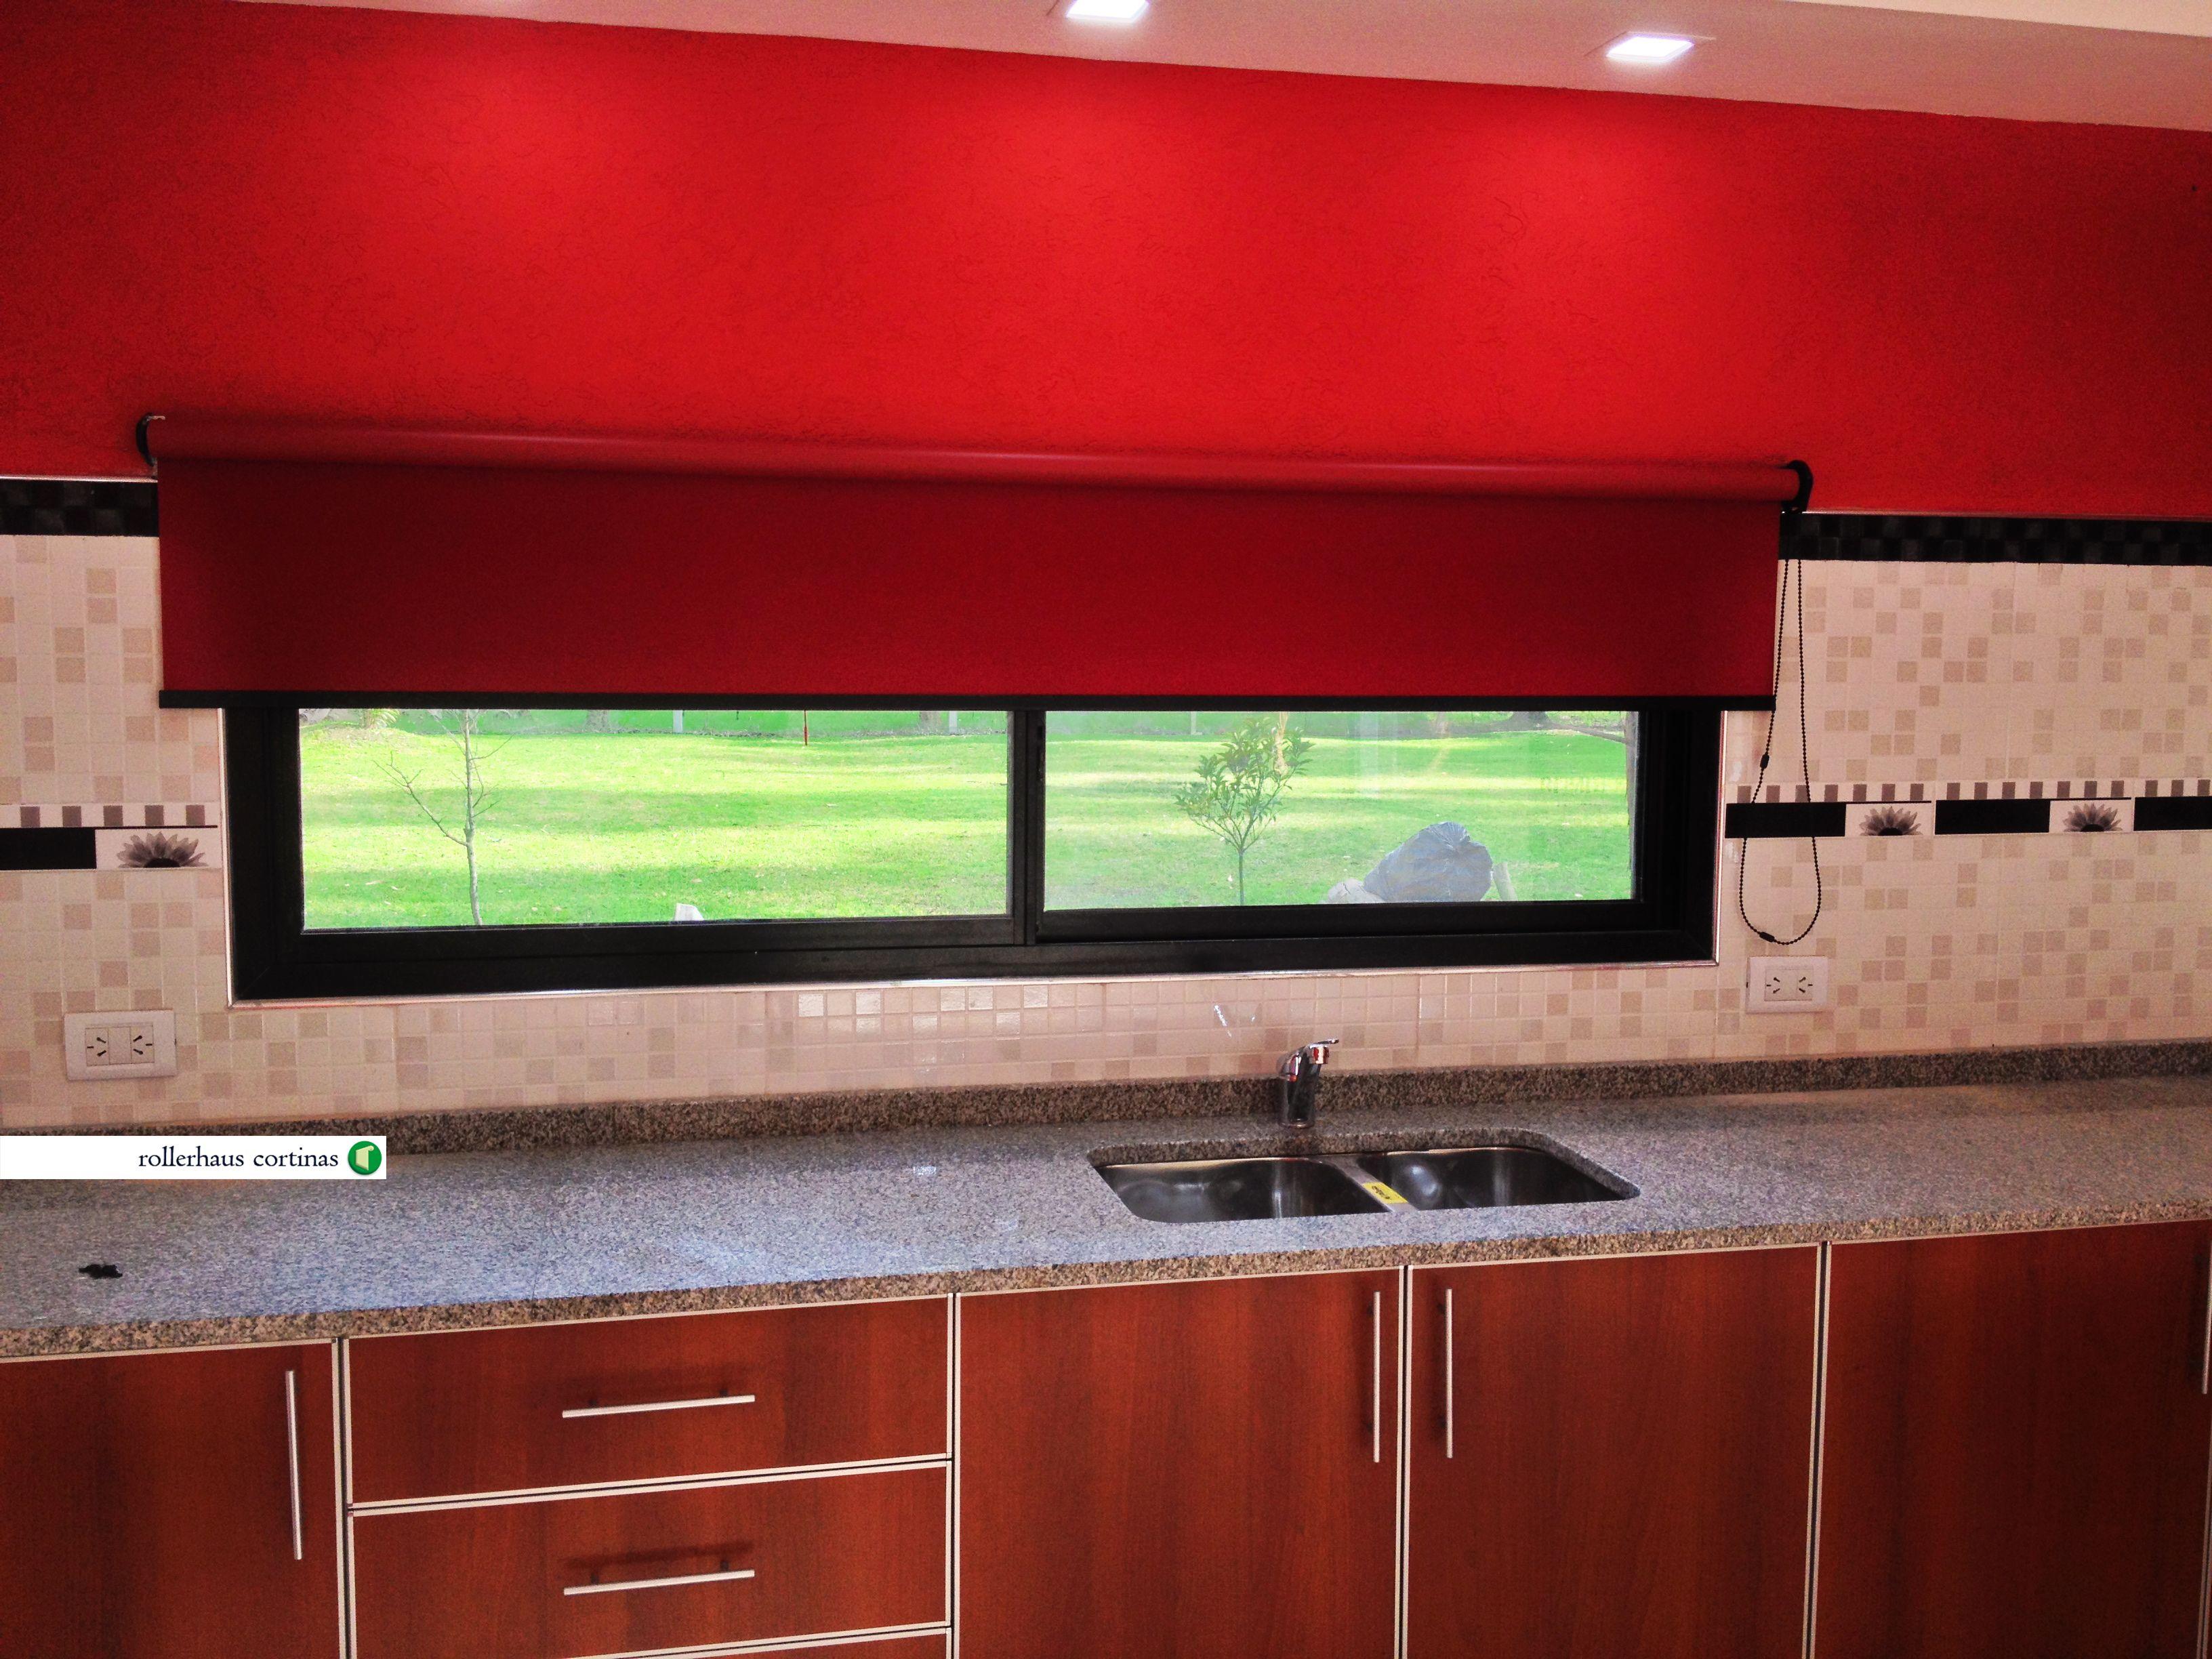 Espectacular cortina Roller Blackout color rojo. La última moda para tu casa en Rollerhaus. https://www.facebook.com/rollerhauscortinas Consultas y presupuestos en rollerhauscortinas@outlook.com